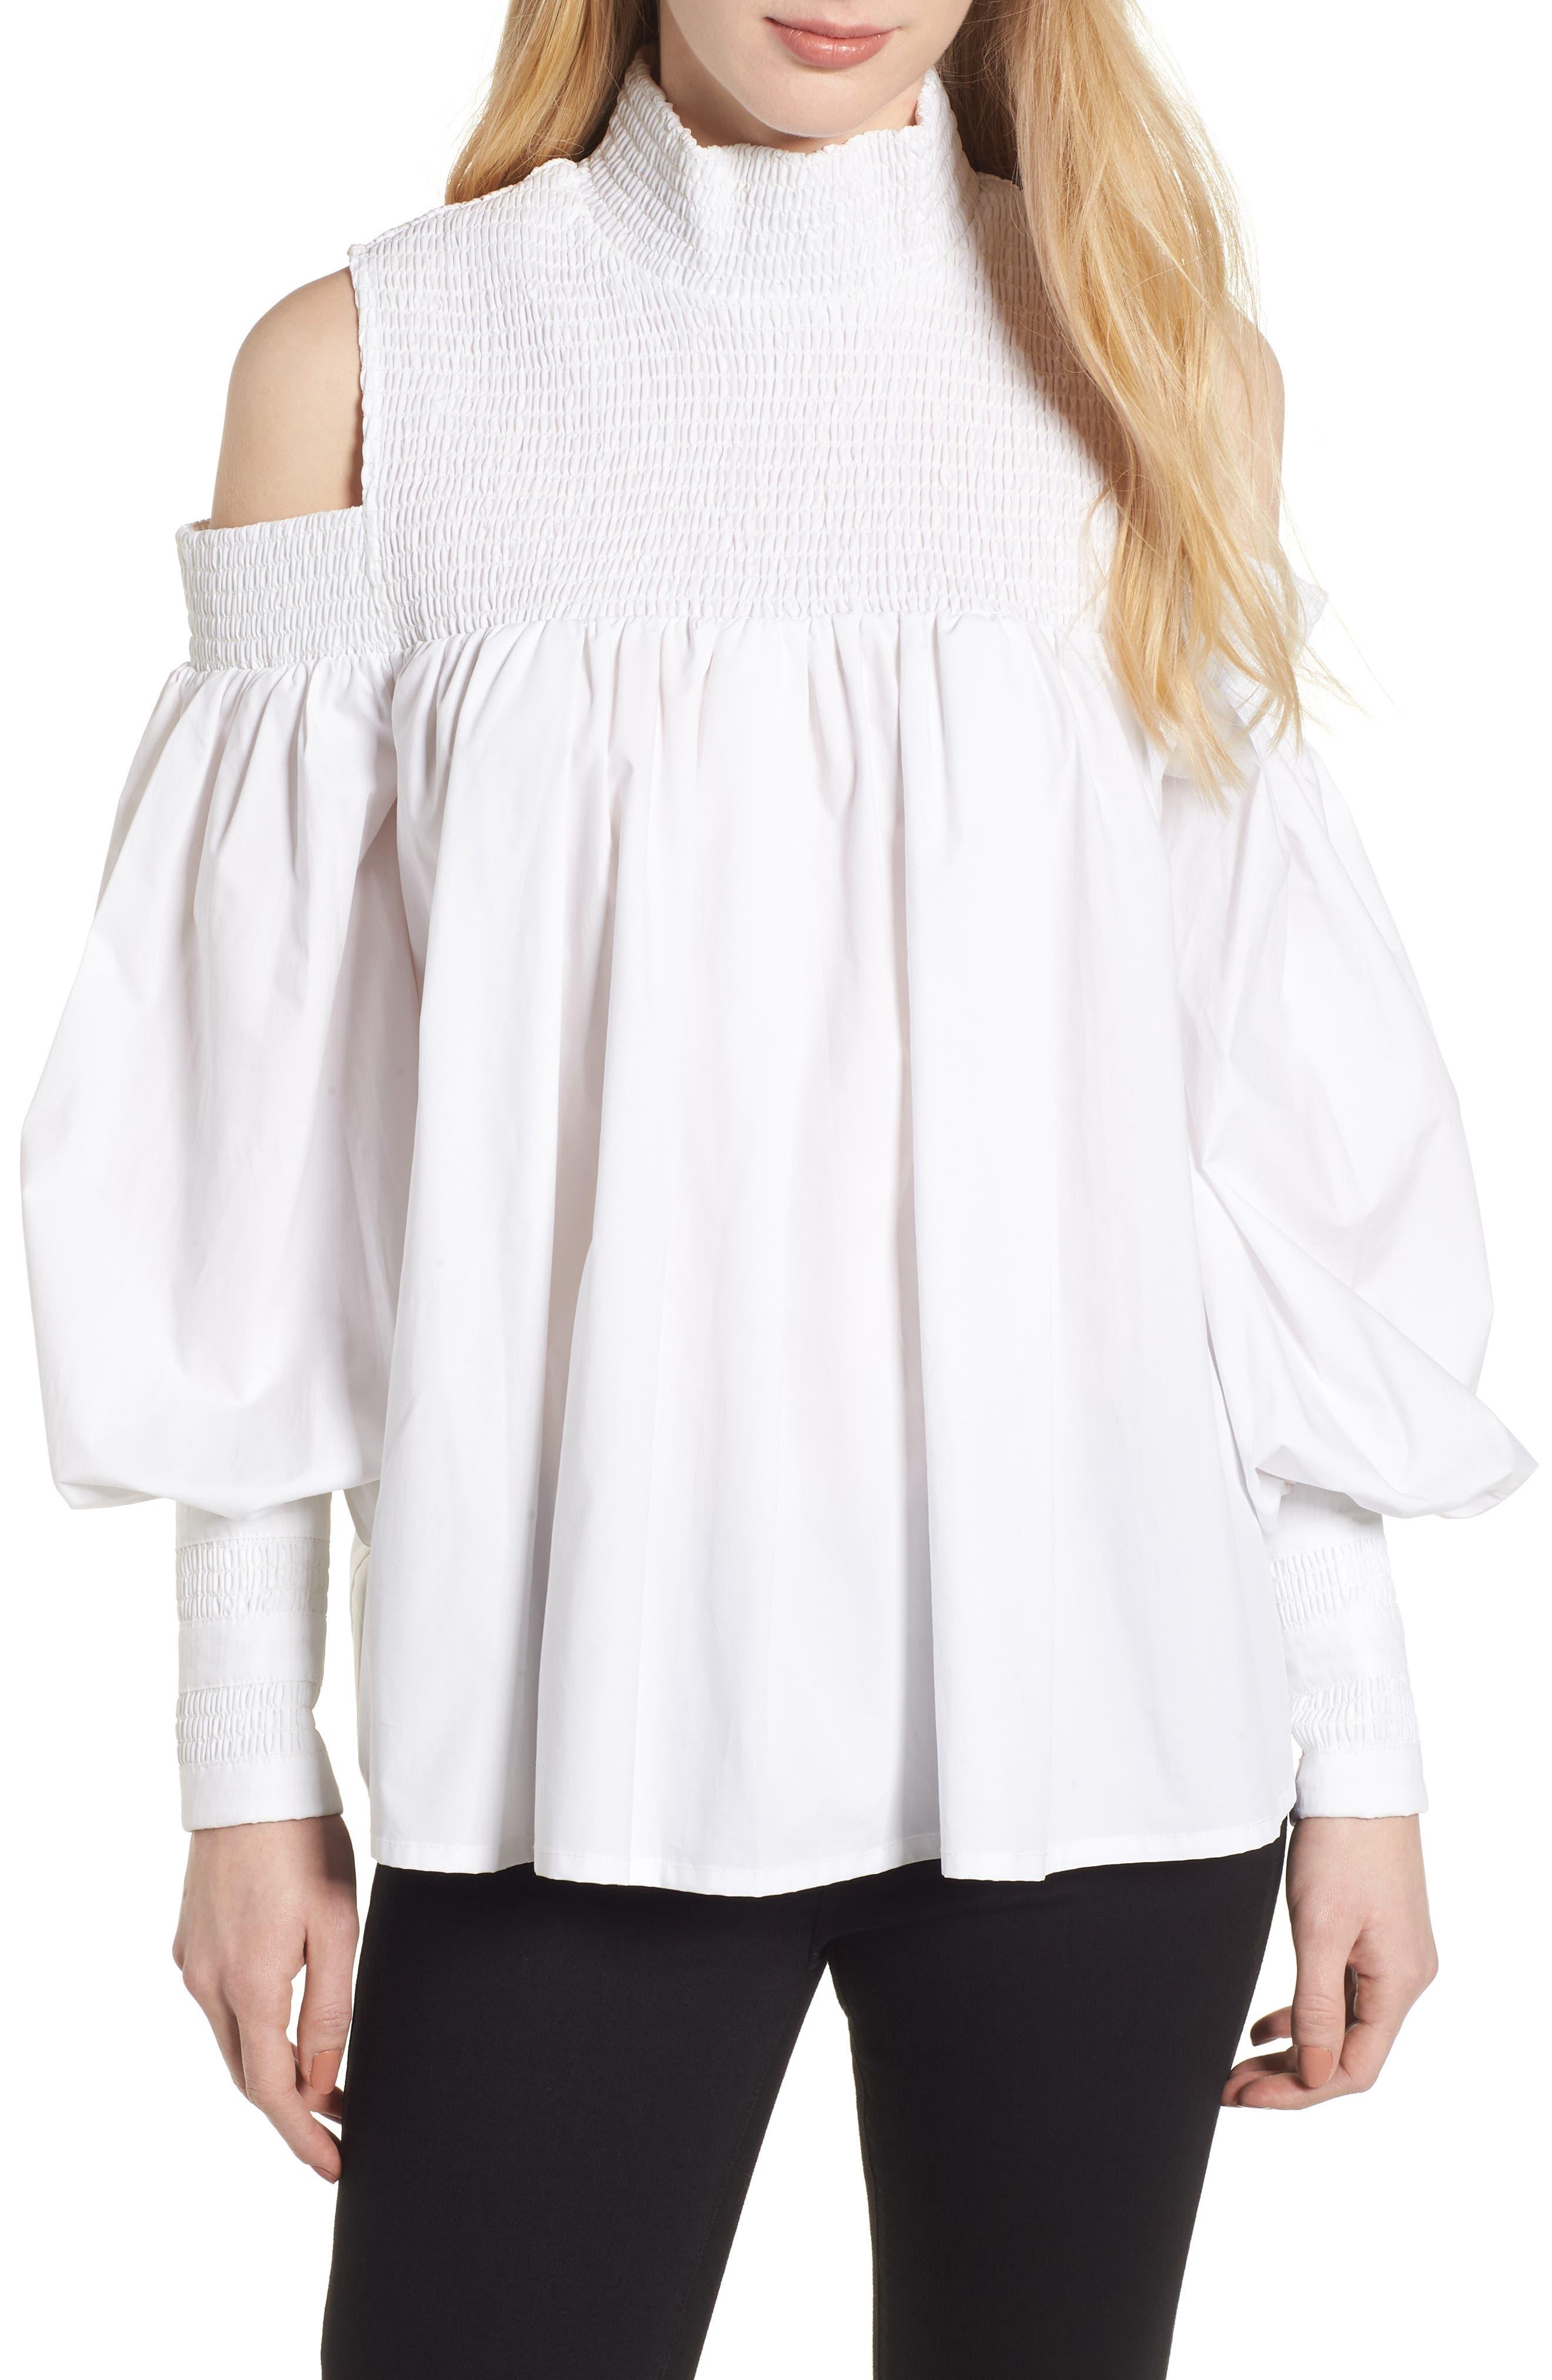 Ivy Cold Shoulder Top,                         Main,                         color, White Cotton